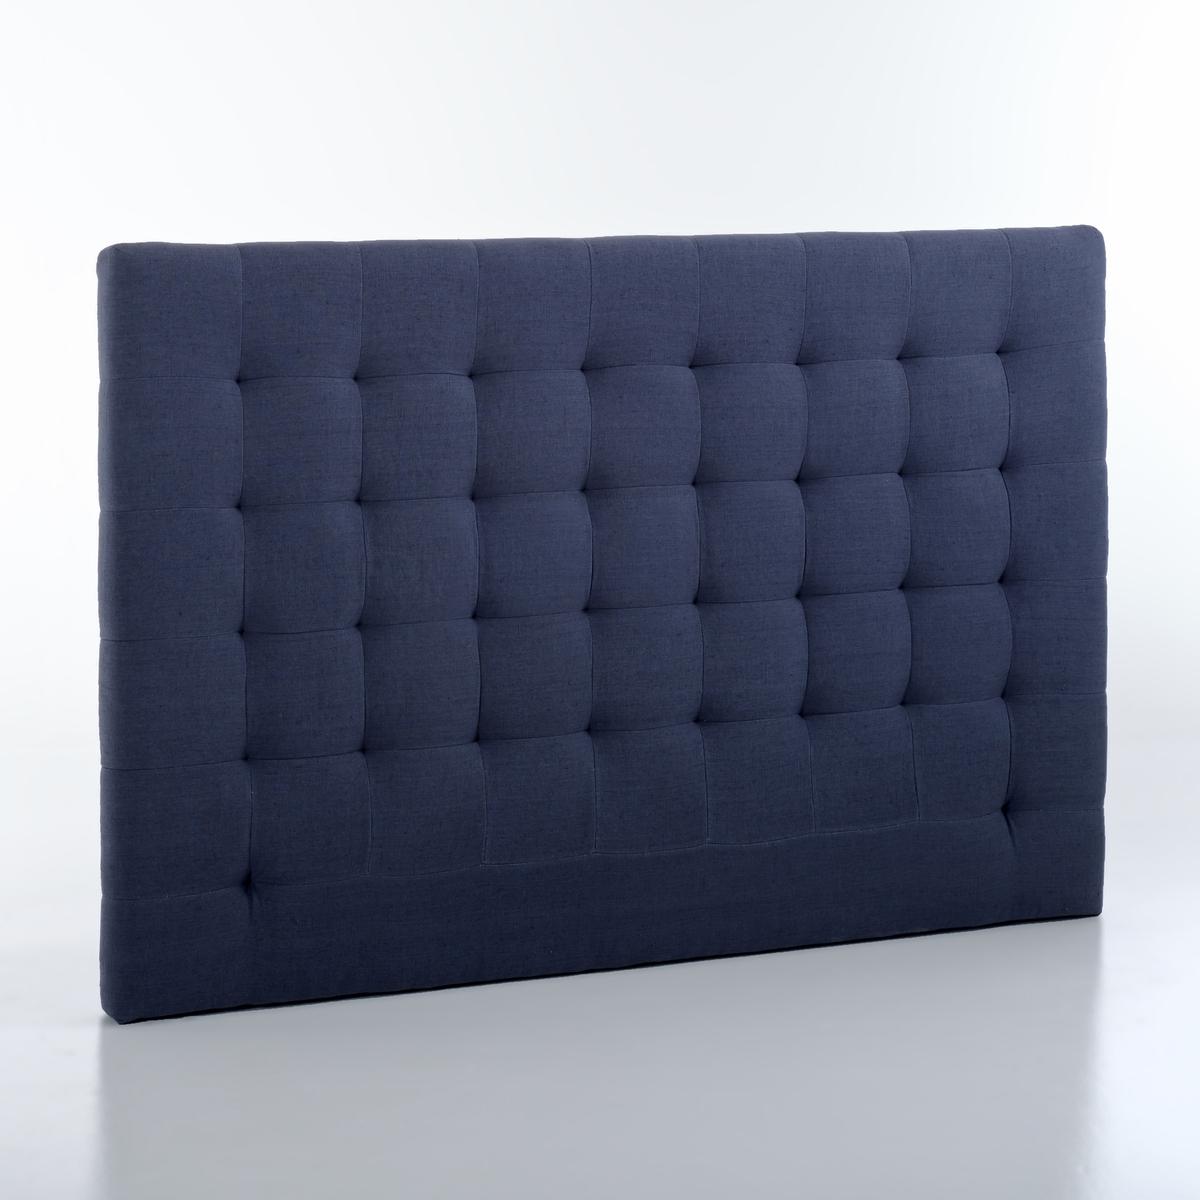 Изголовье La Redoute Кровати с обивкой из осветленного льна В см SELVE 140 см синий чехол из льна с помпонами для изголовья кровати sandor